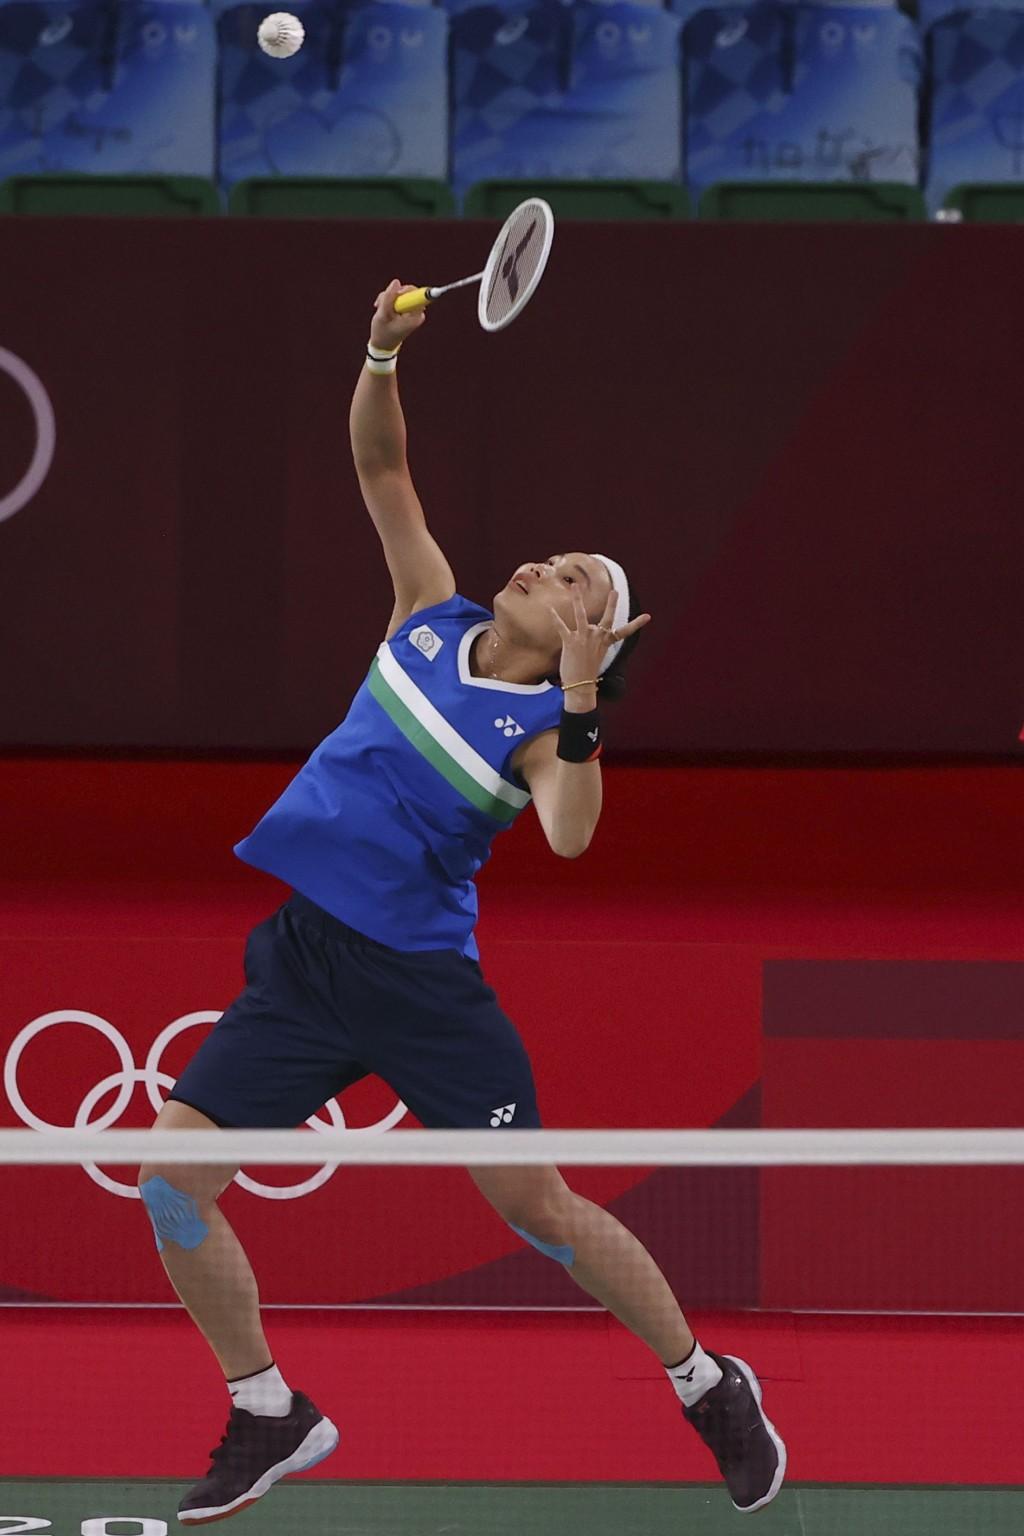 快訊!【日本東京奧運】台灣羽球天后戴資穎•4強賽直落二打敗印度女將辛蒂 明天進攻金牌!